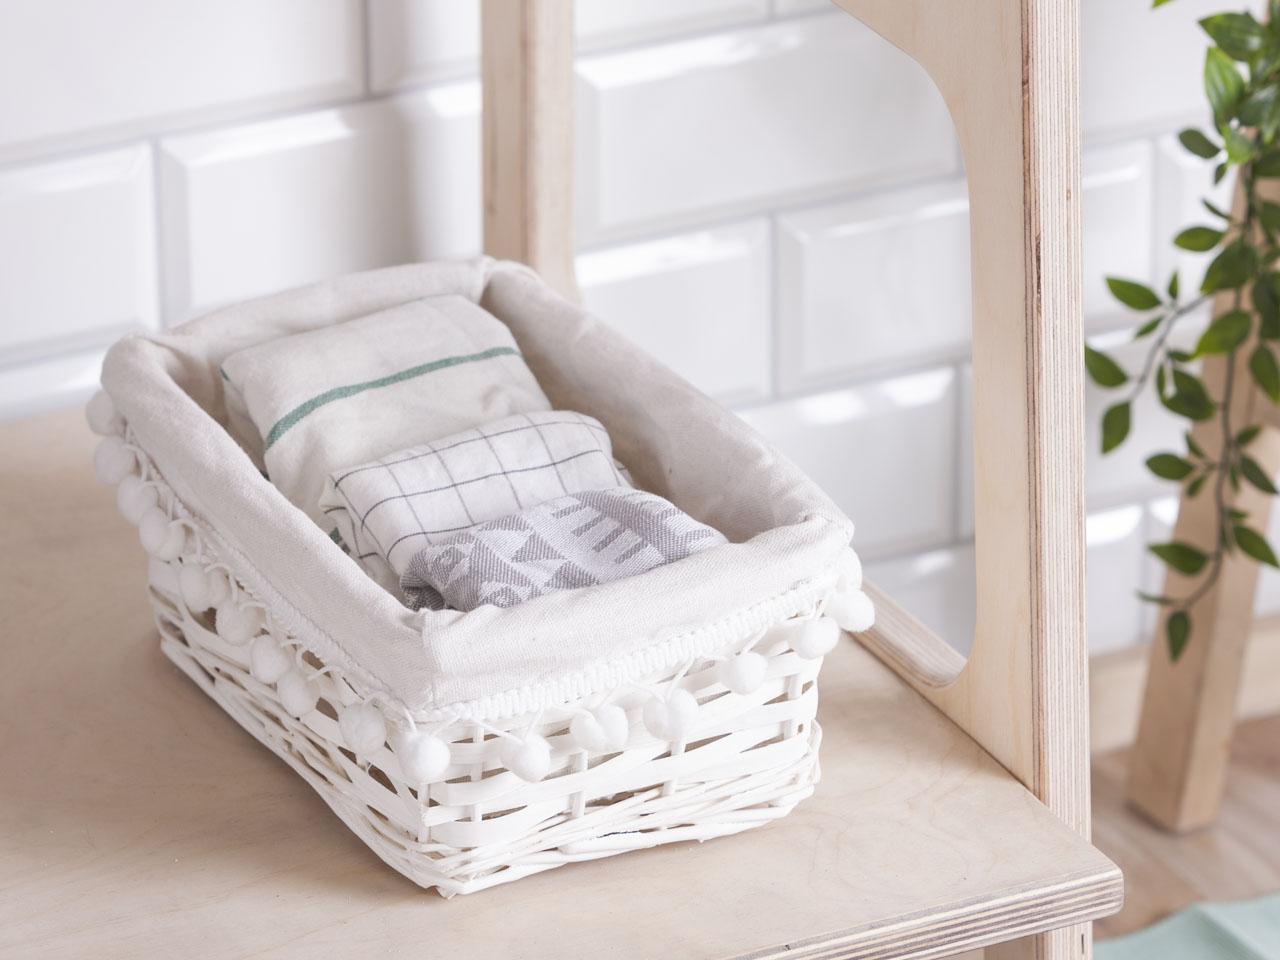 Koszyk do przechowywania wiklinowy materiałowa wyściółka z pomponami Altom Design biały 24x16x11 cm